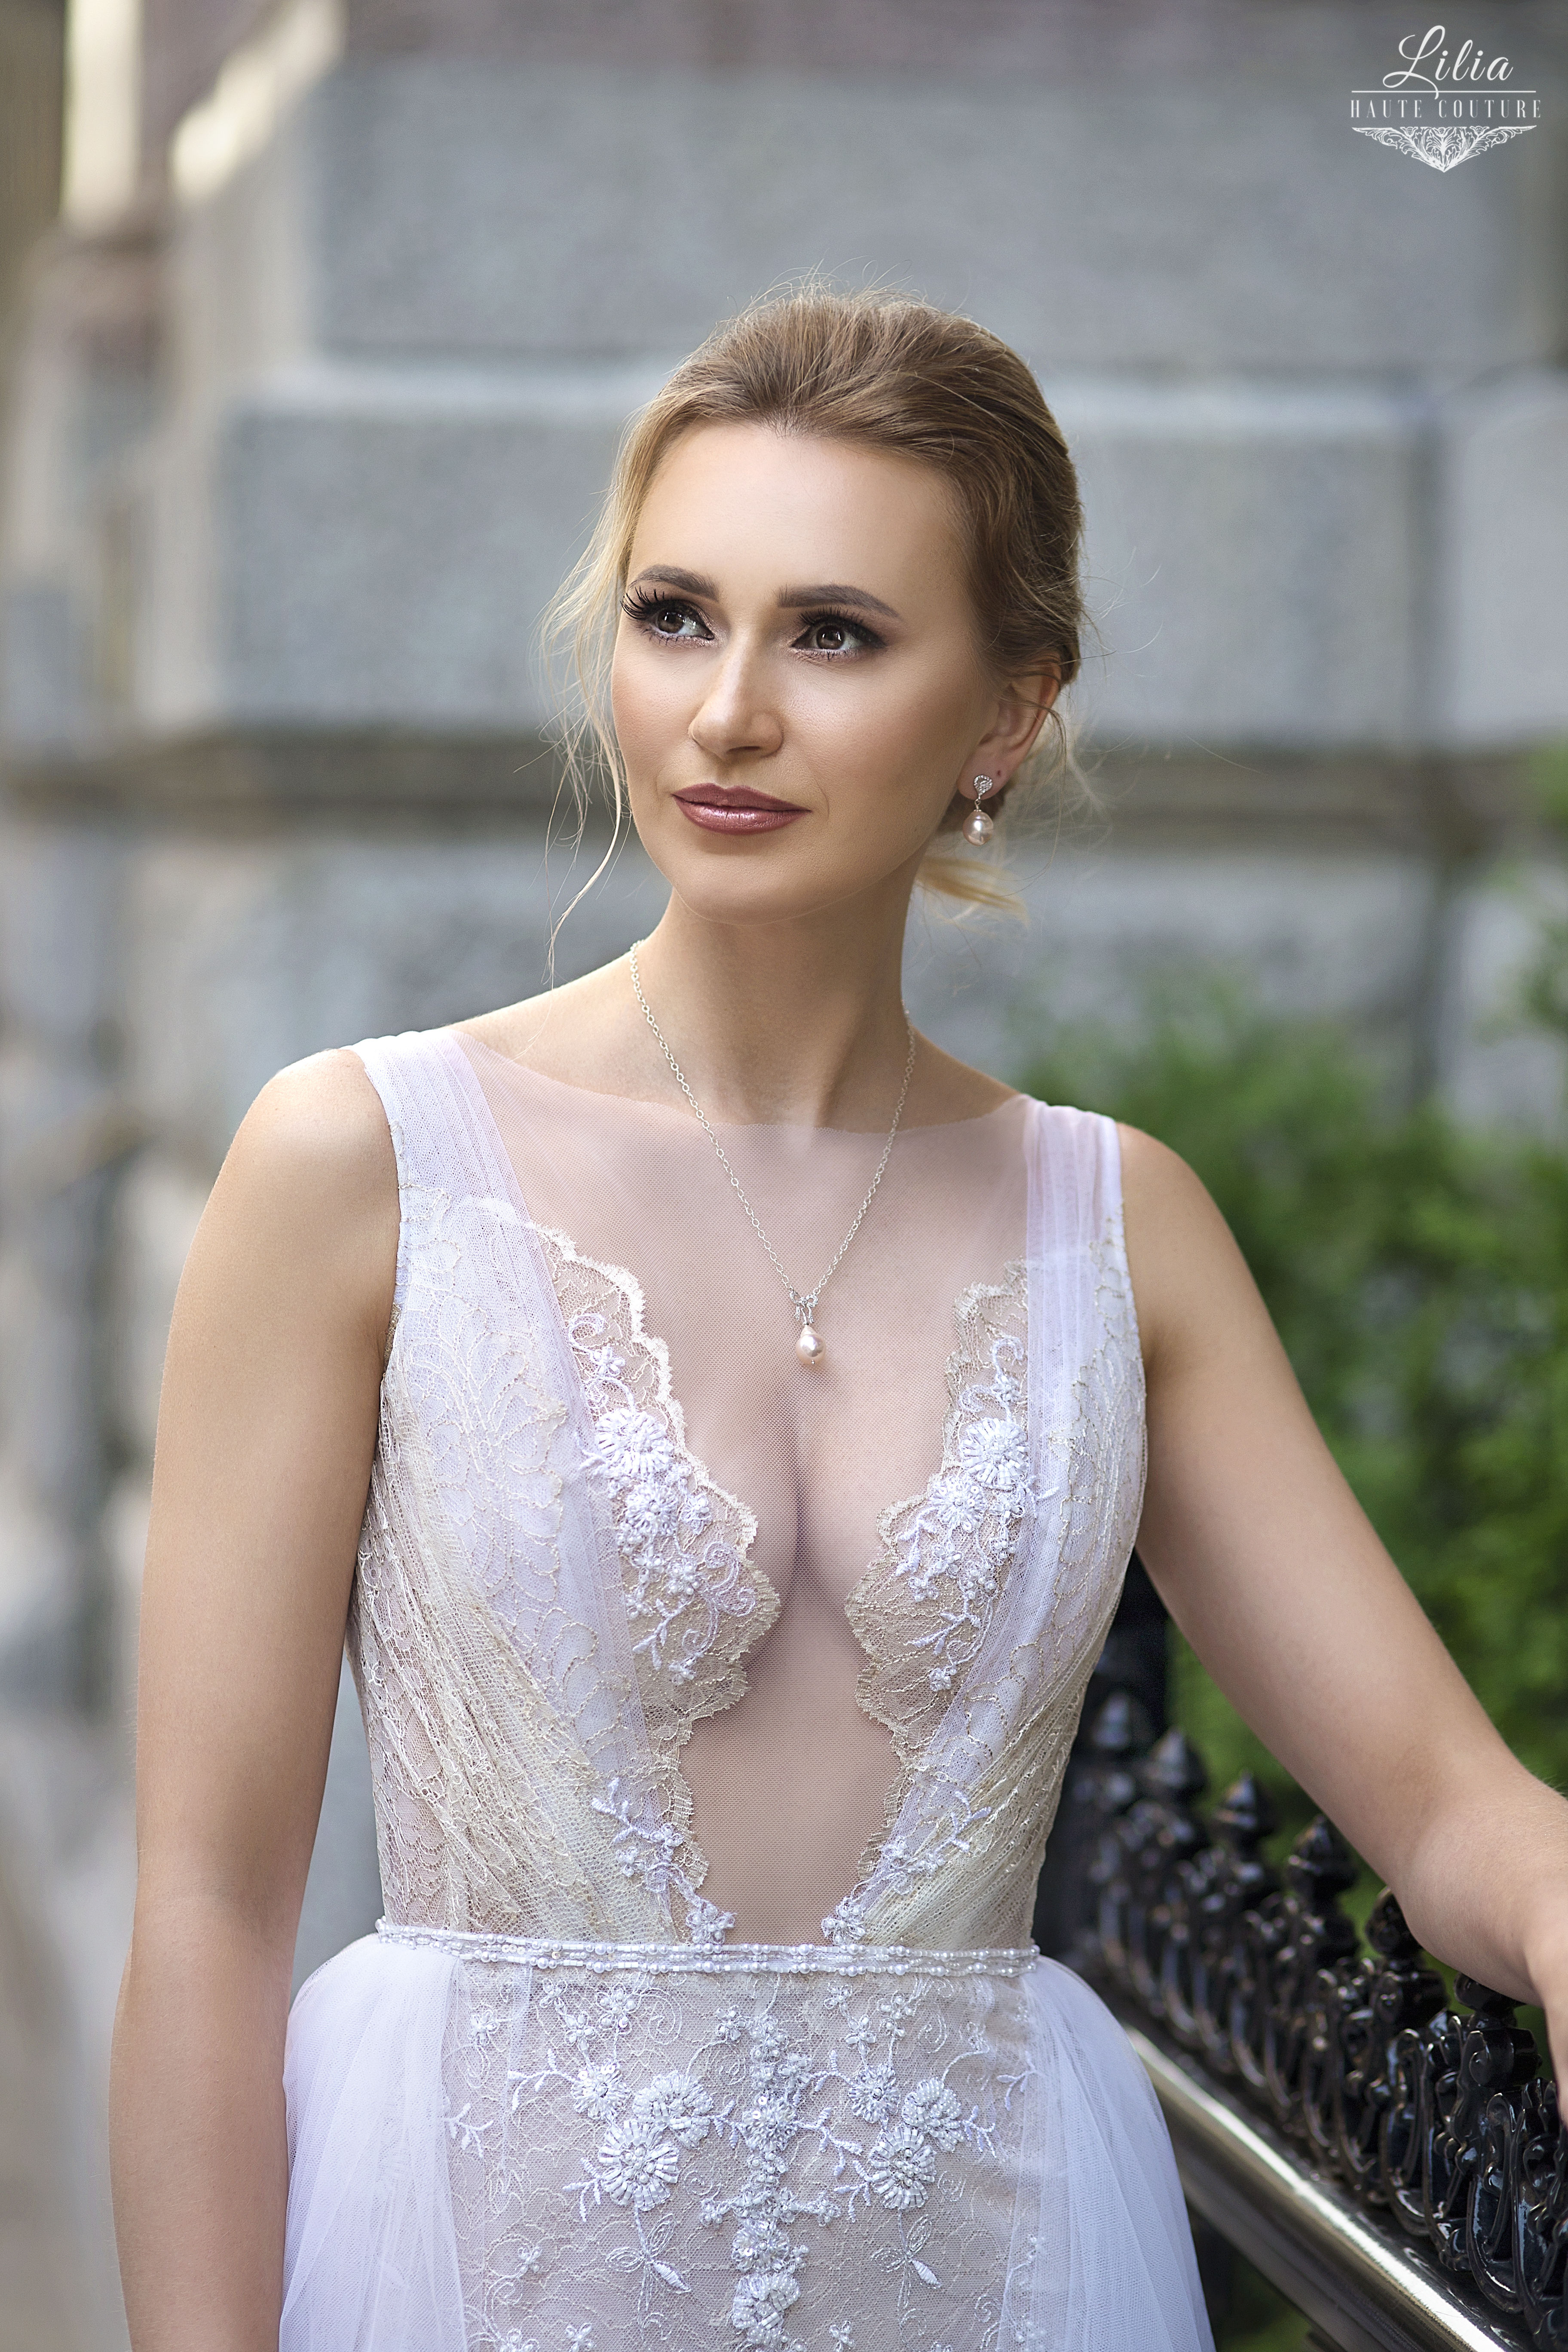 robe de mariee dentelle chantilly avec appliques de perlage lilia haute couture